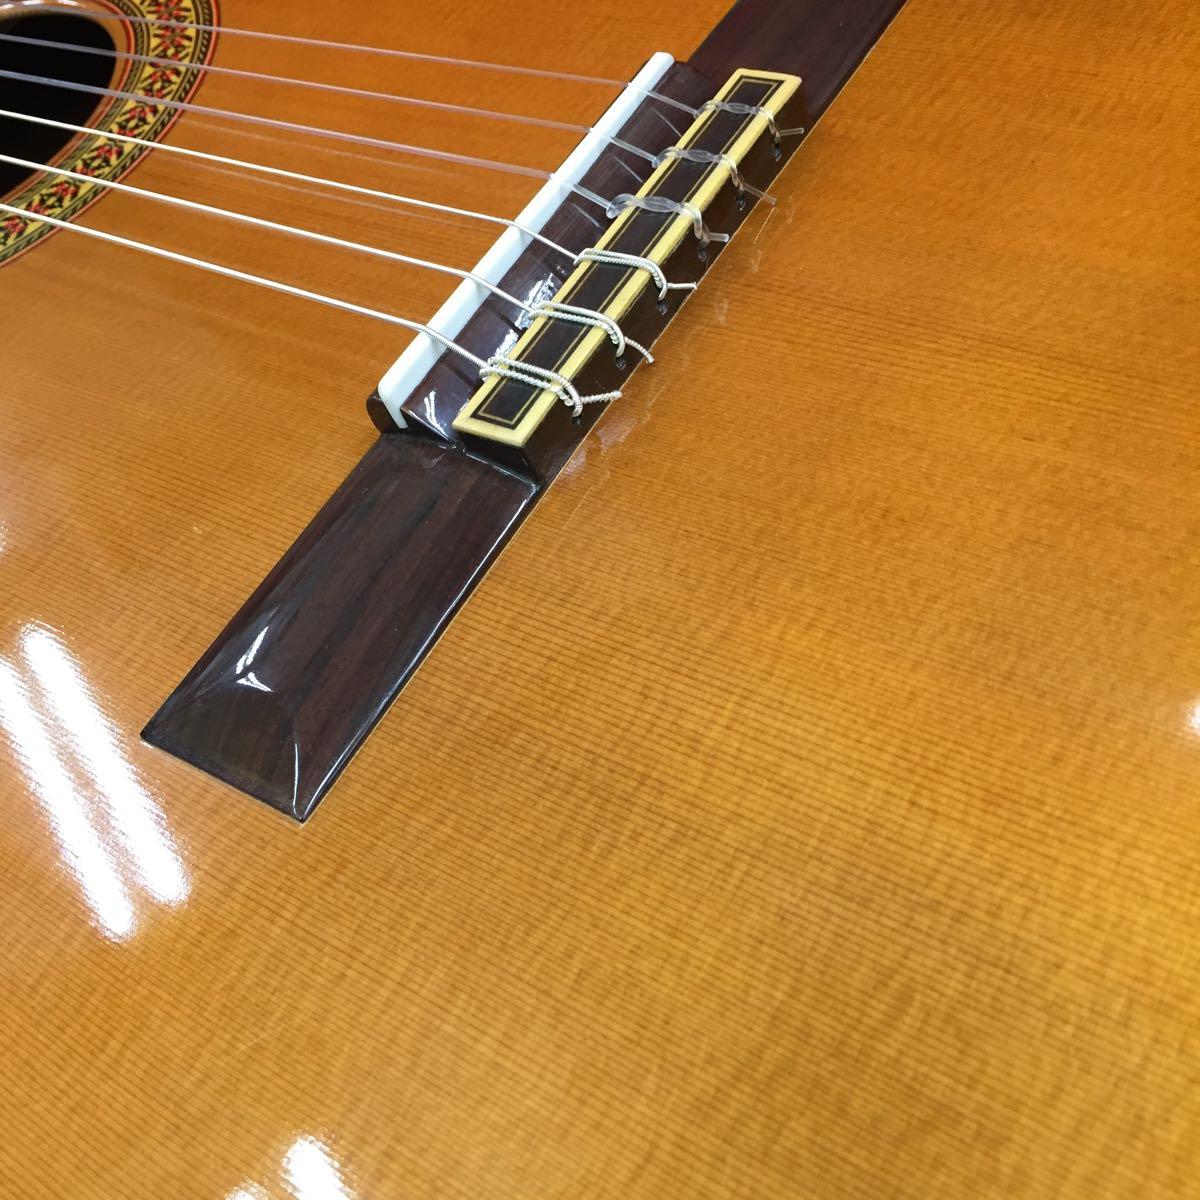 中古 Abe guitar 330 TOP単板 美品 日本製 630mmスケール 調整済 ハードケース付 _画像2